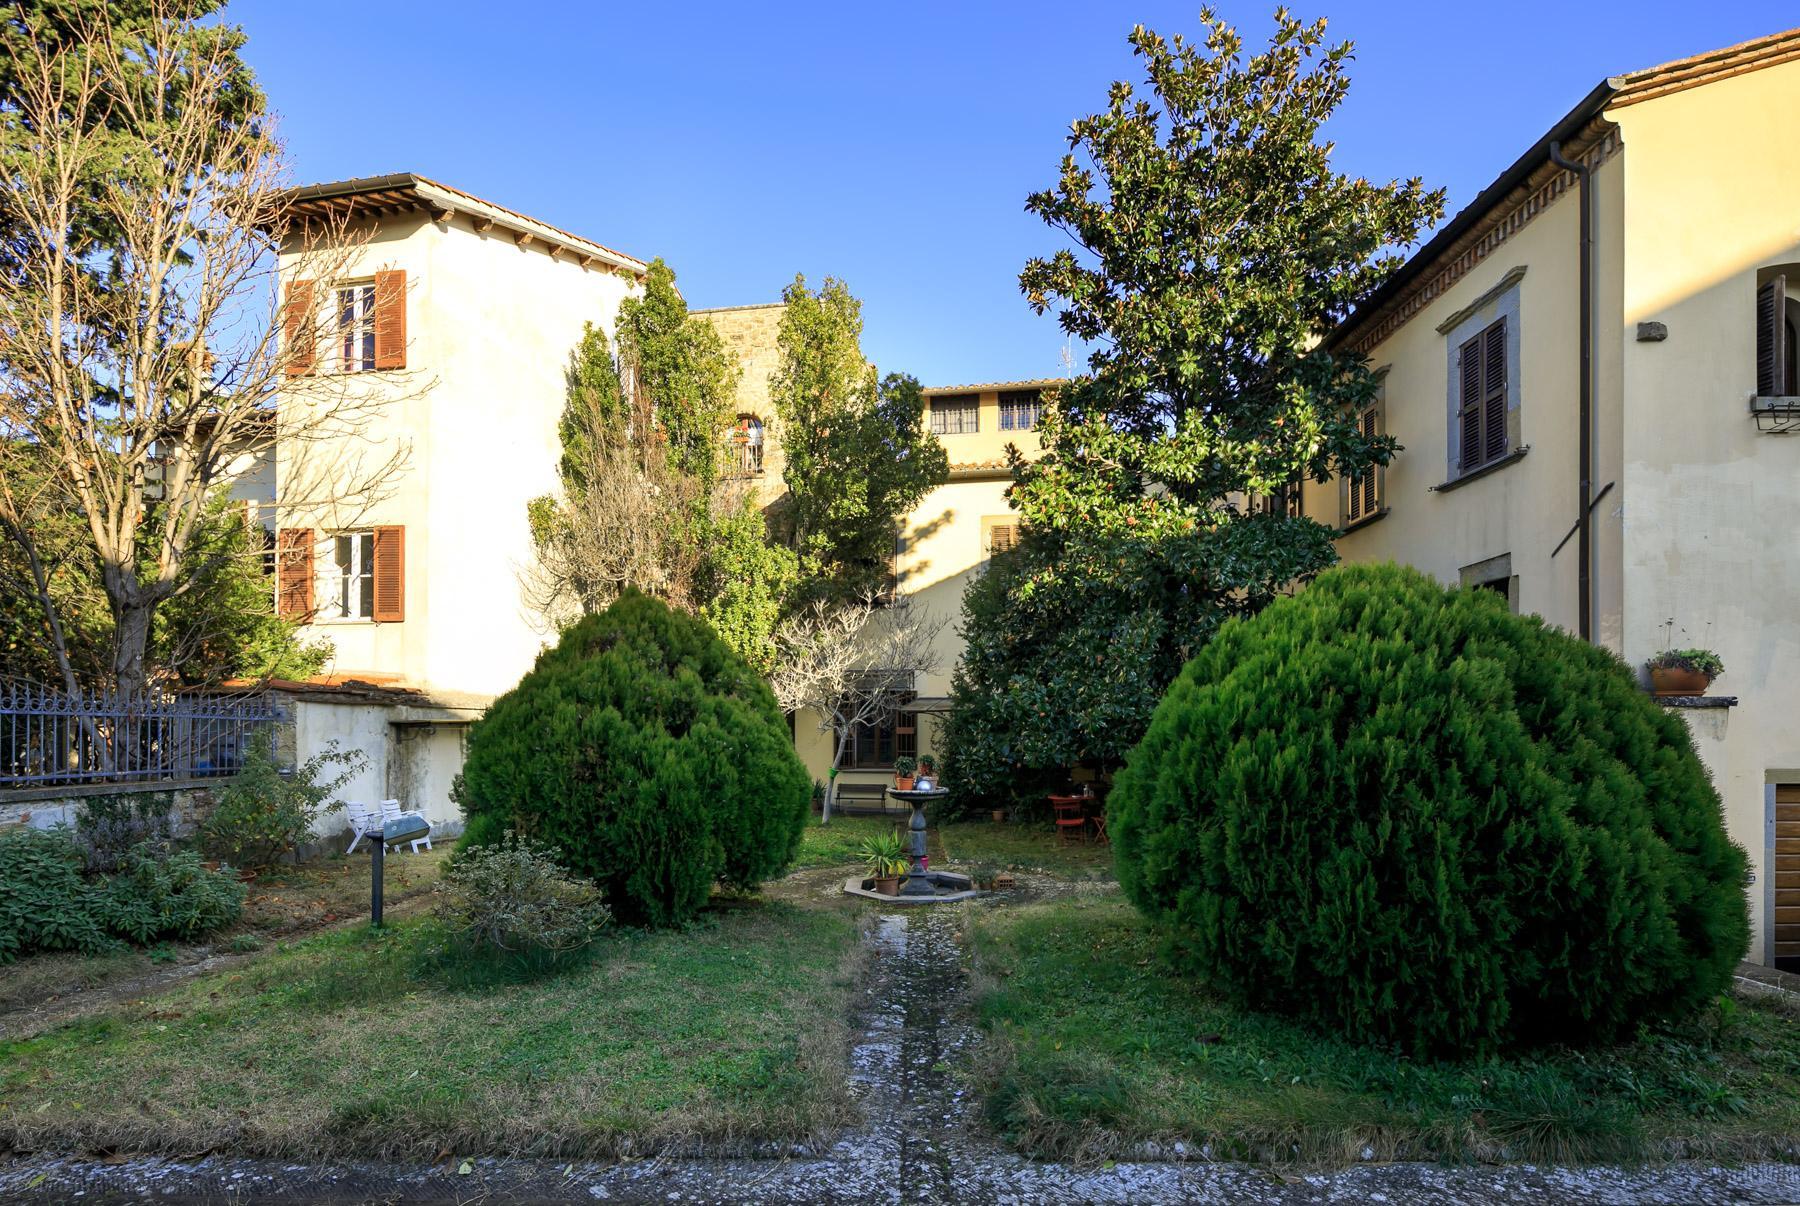 Palazzo Rinascimentale in Vendita a pochi passi da Piazza Grande, Arezzo - 19